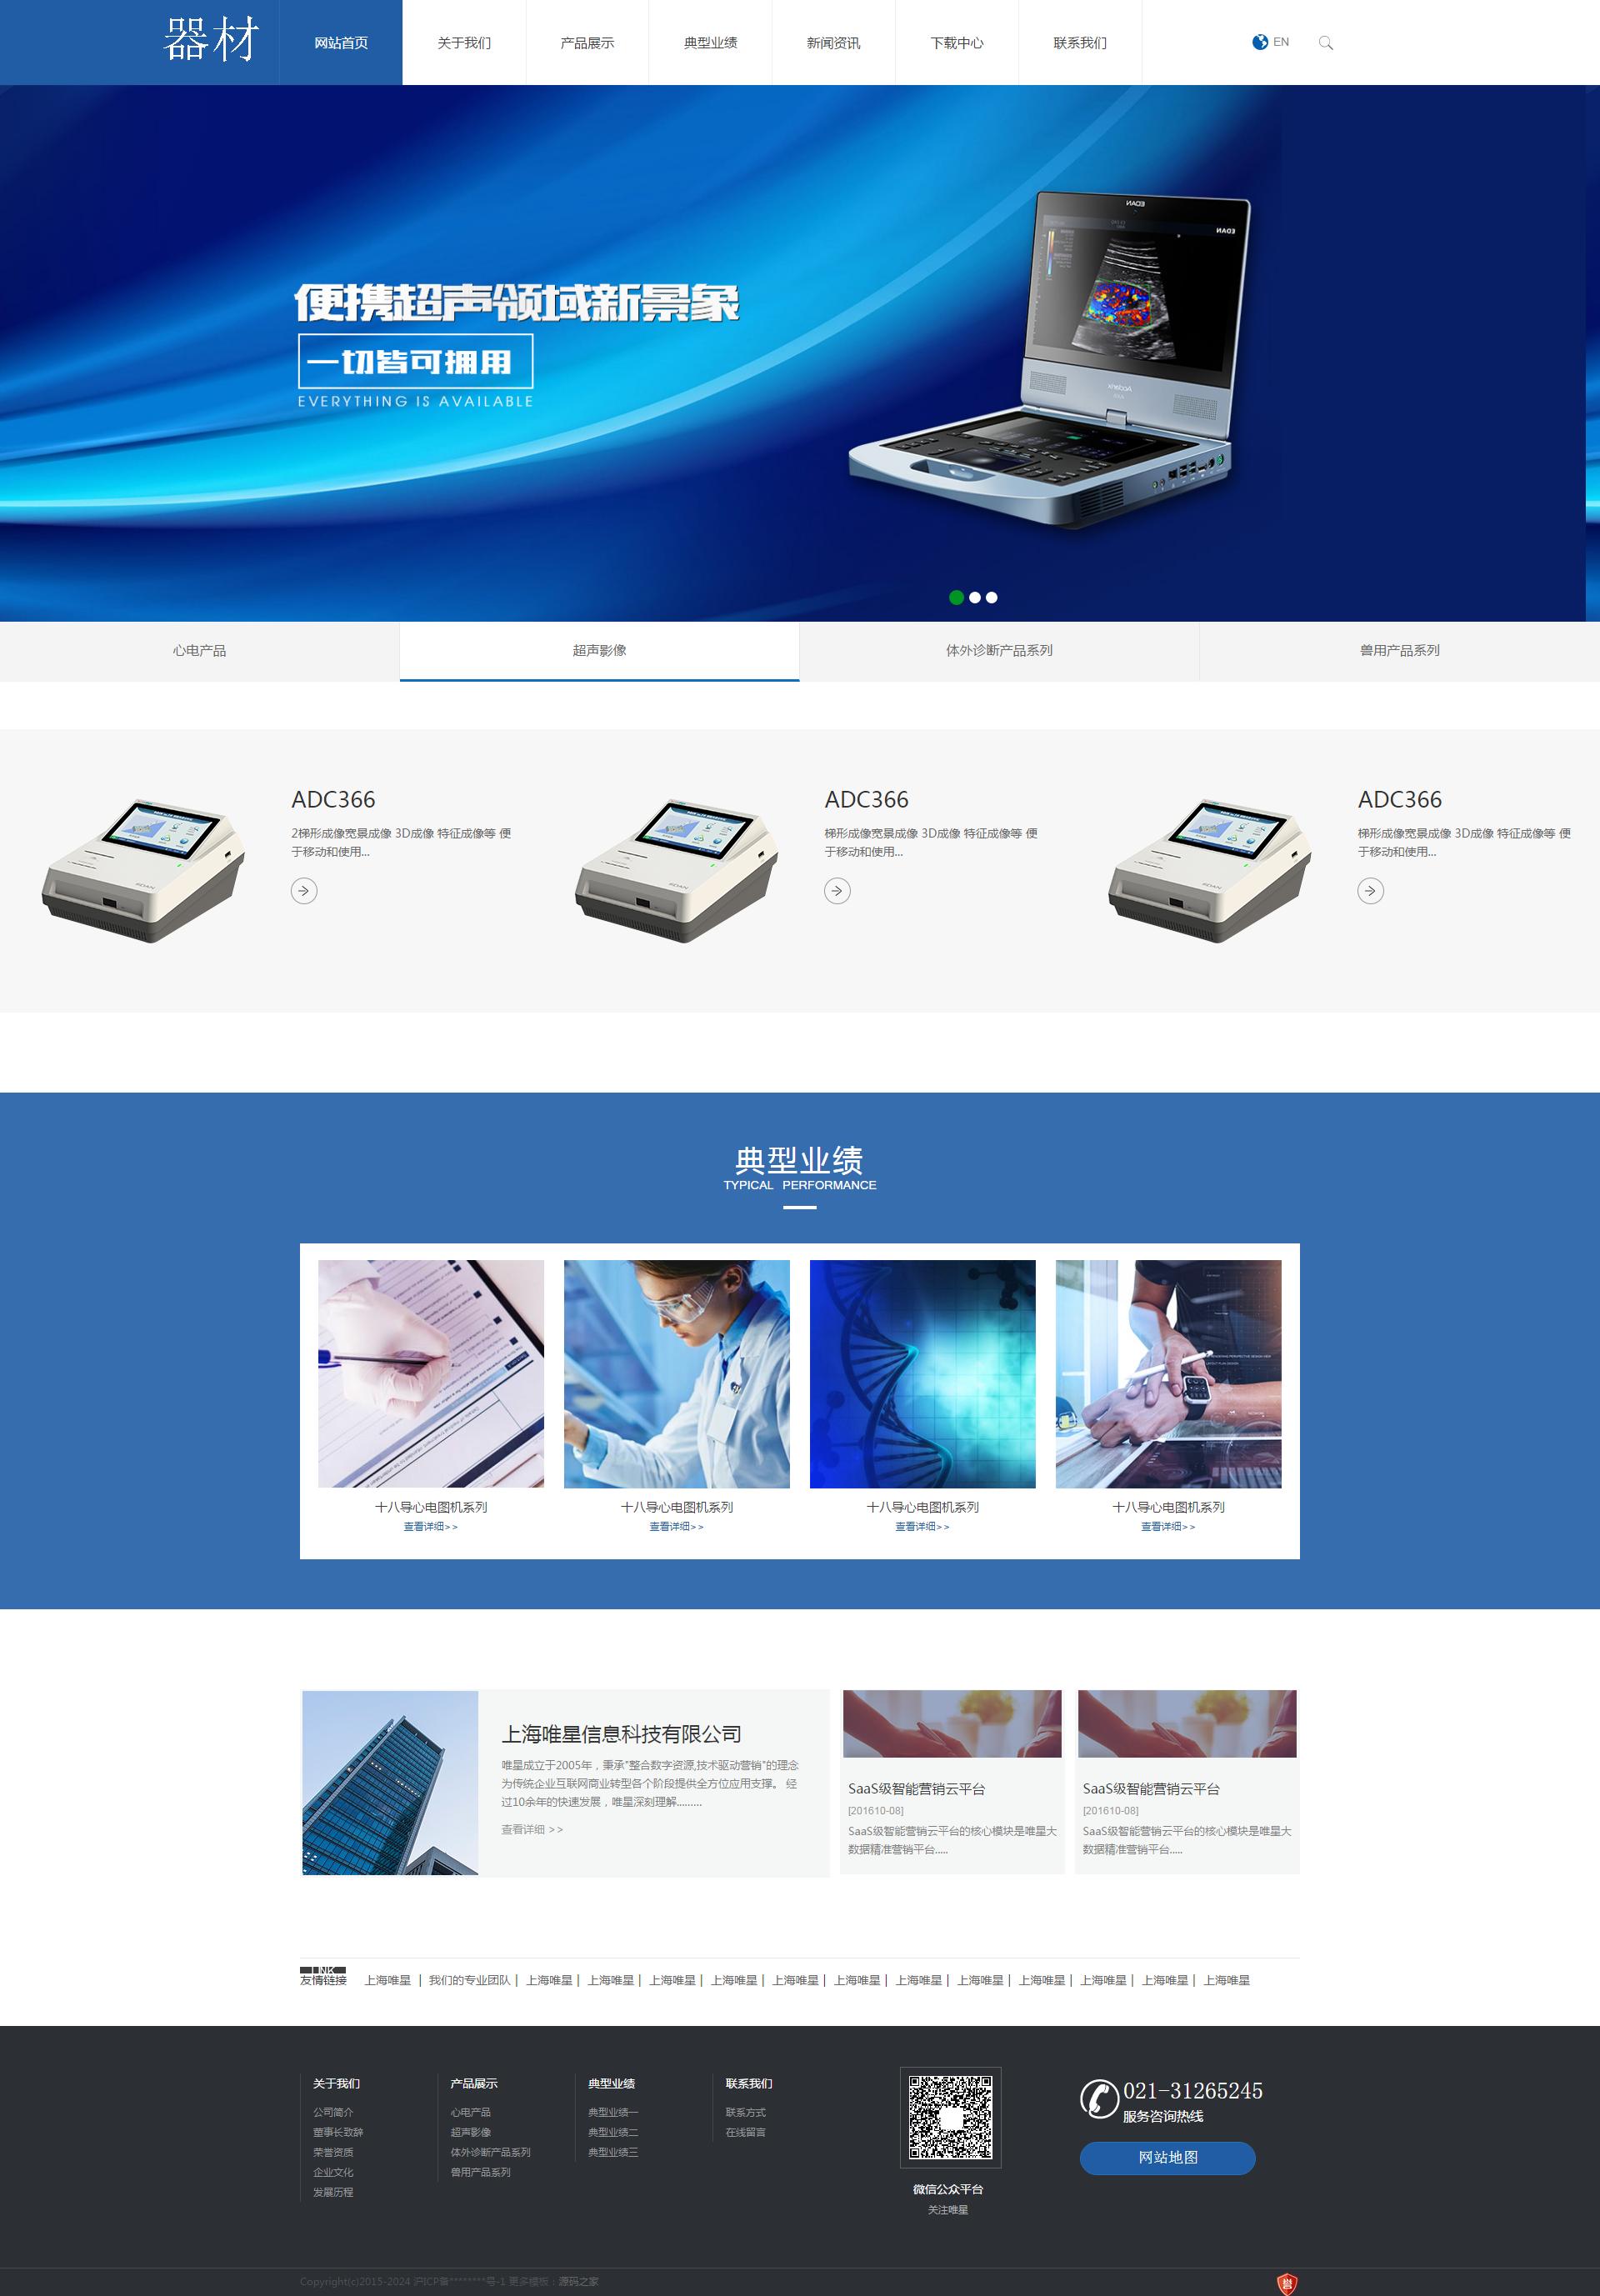 蓝色医疗器械器材公司响应式HTML模板